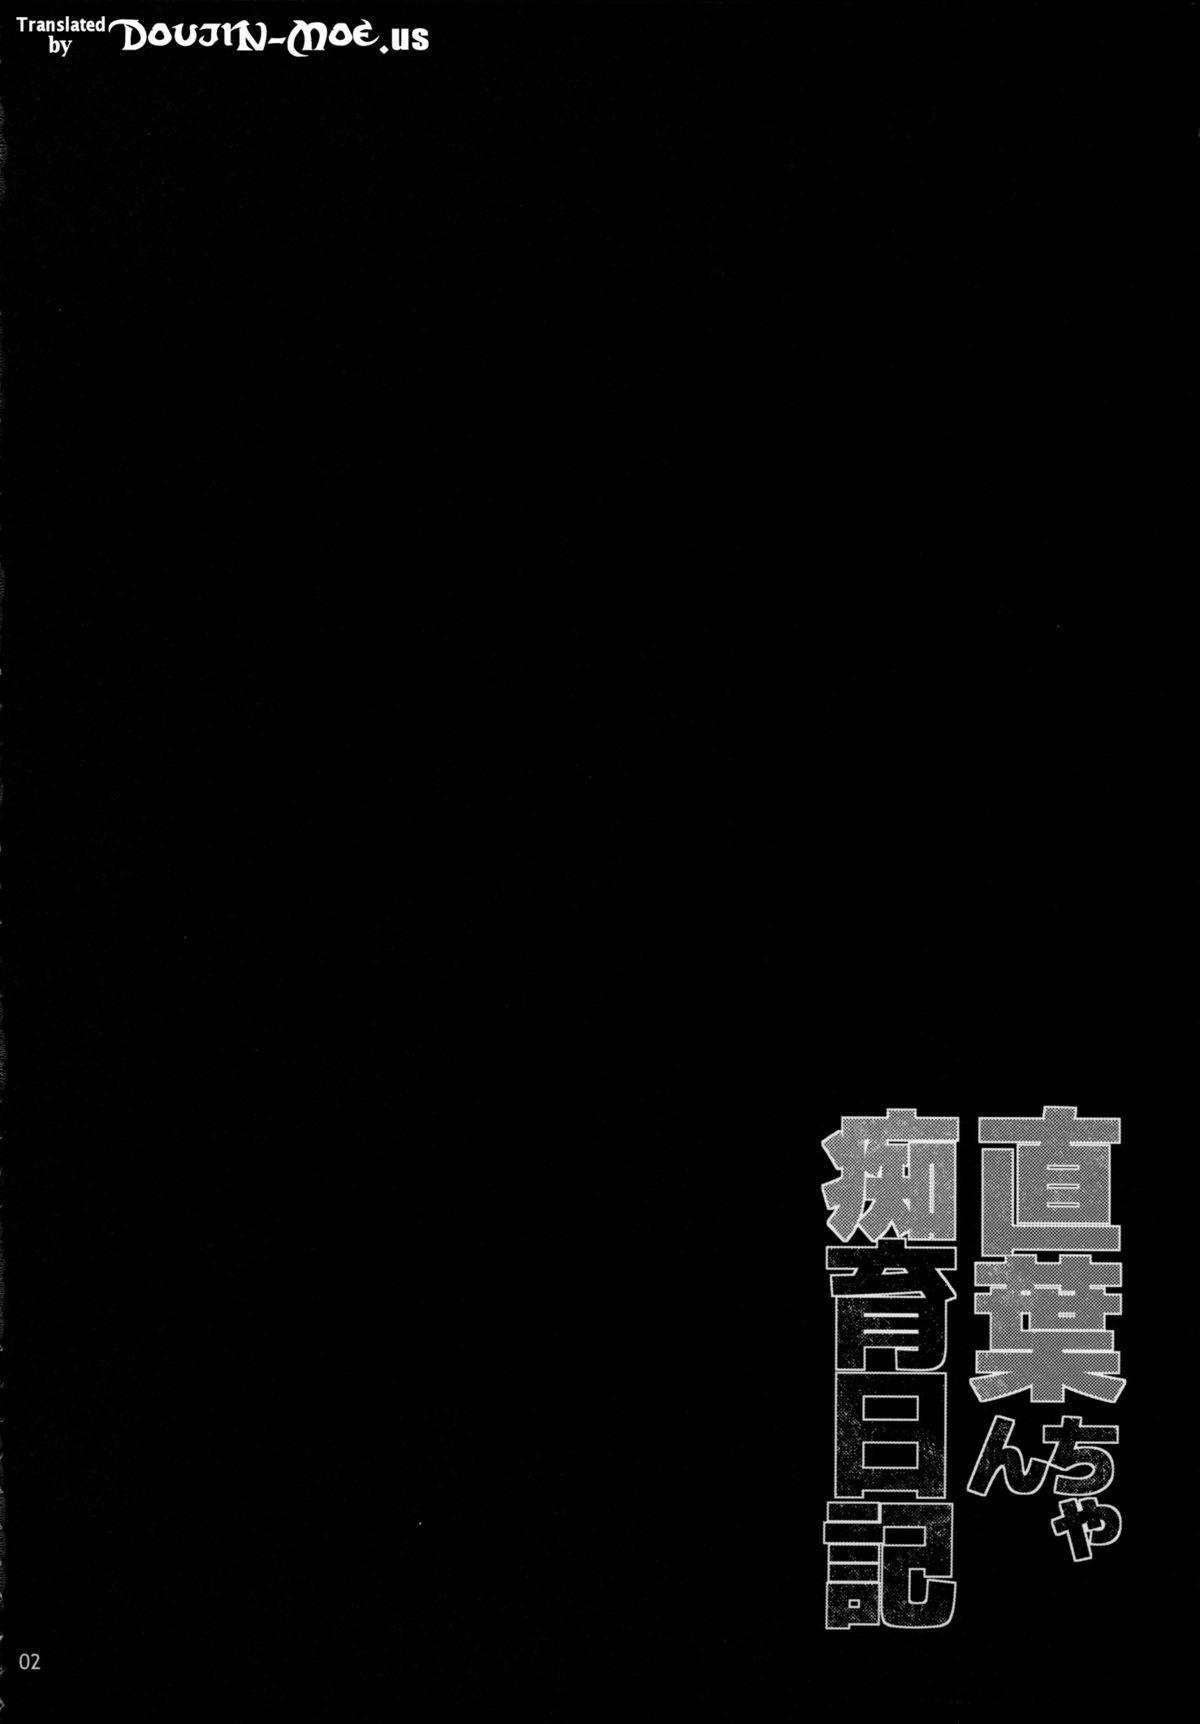 (C88) [waterwheel (Shirota Dai)] Suguha-chan Chiiku Nikki | Suguha-chan's Training Diary (Sword Art Online) [English] {doujin-moe.us} 2